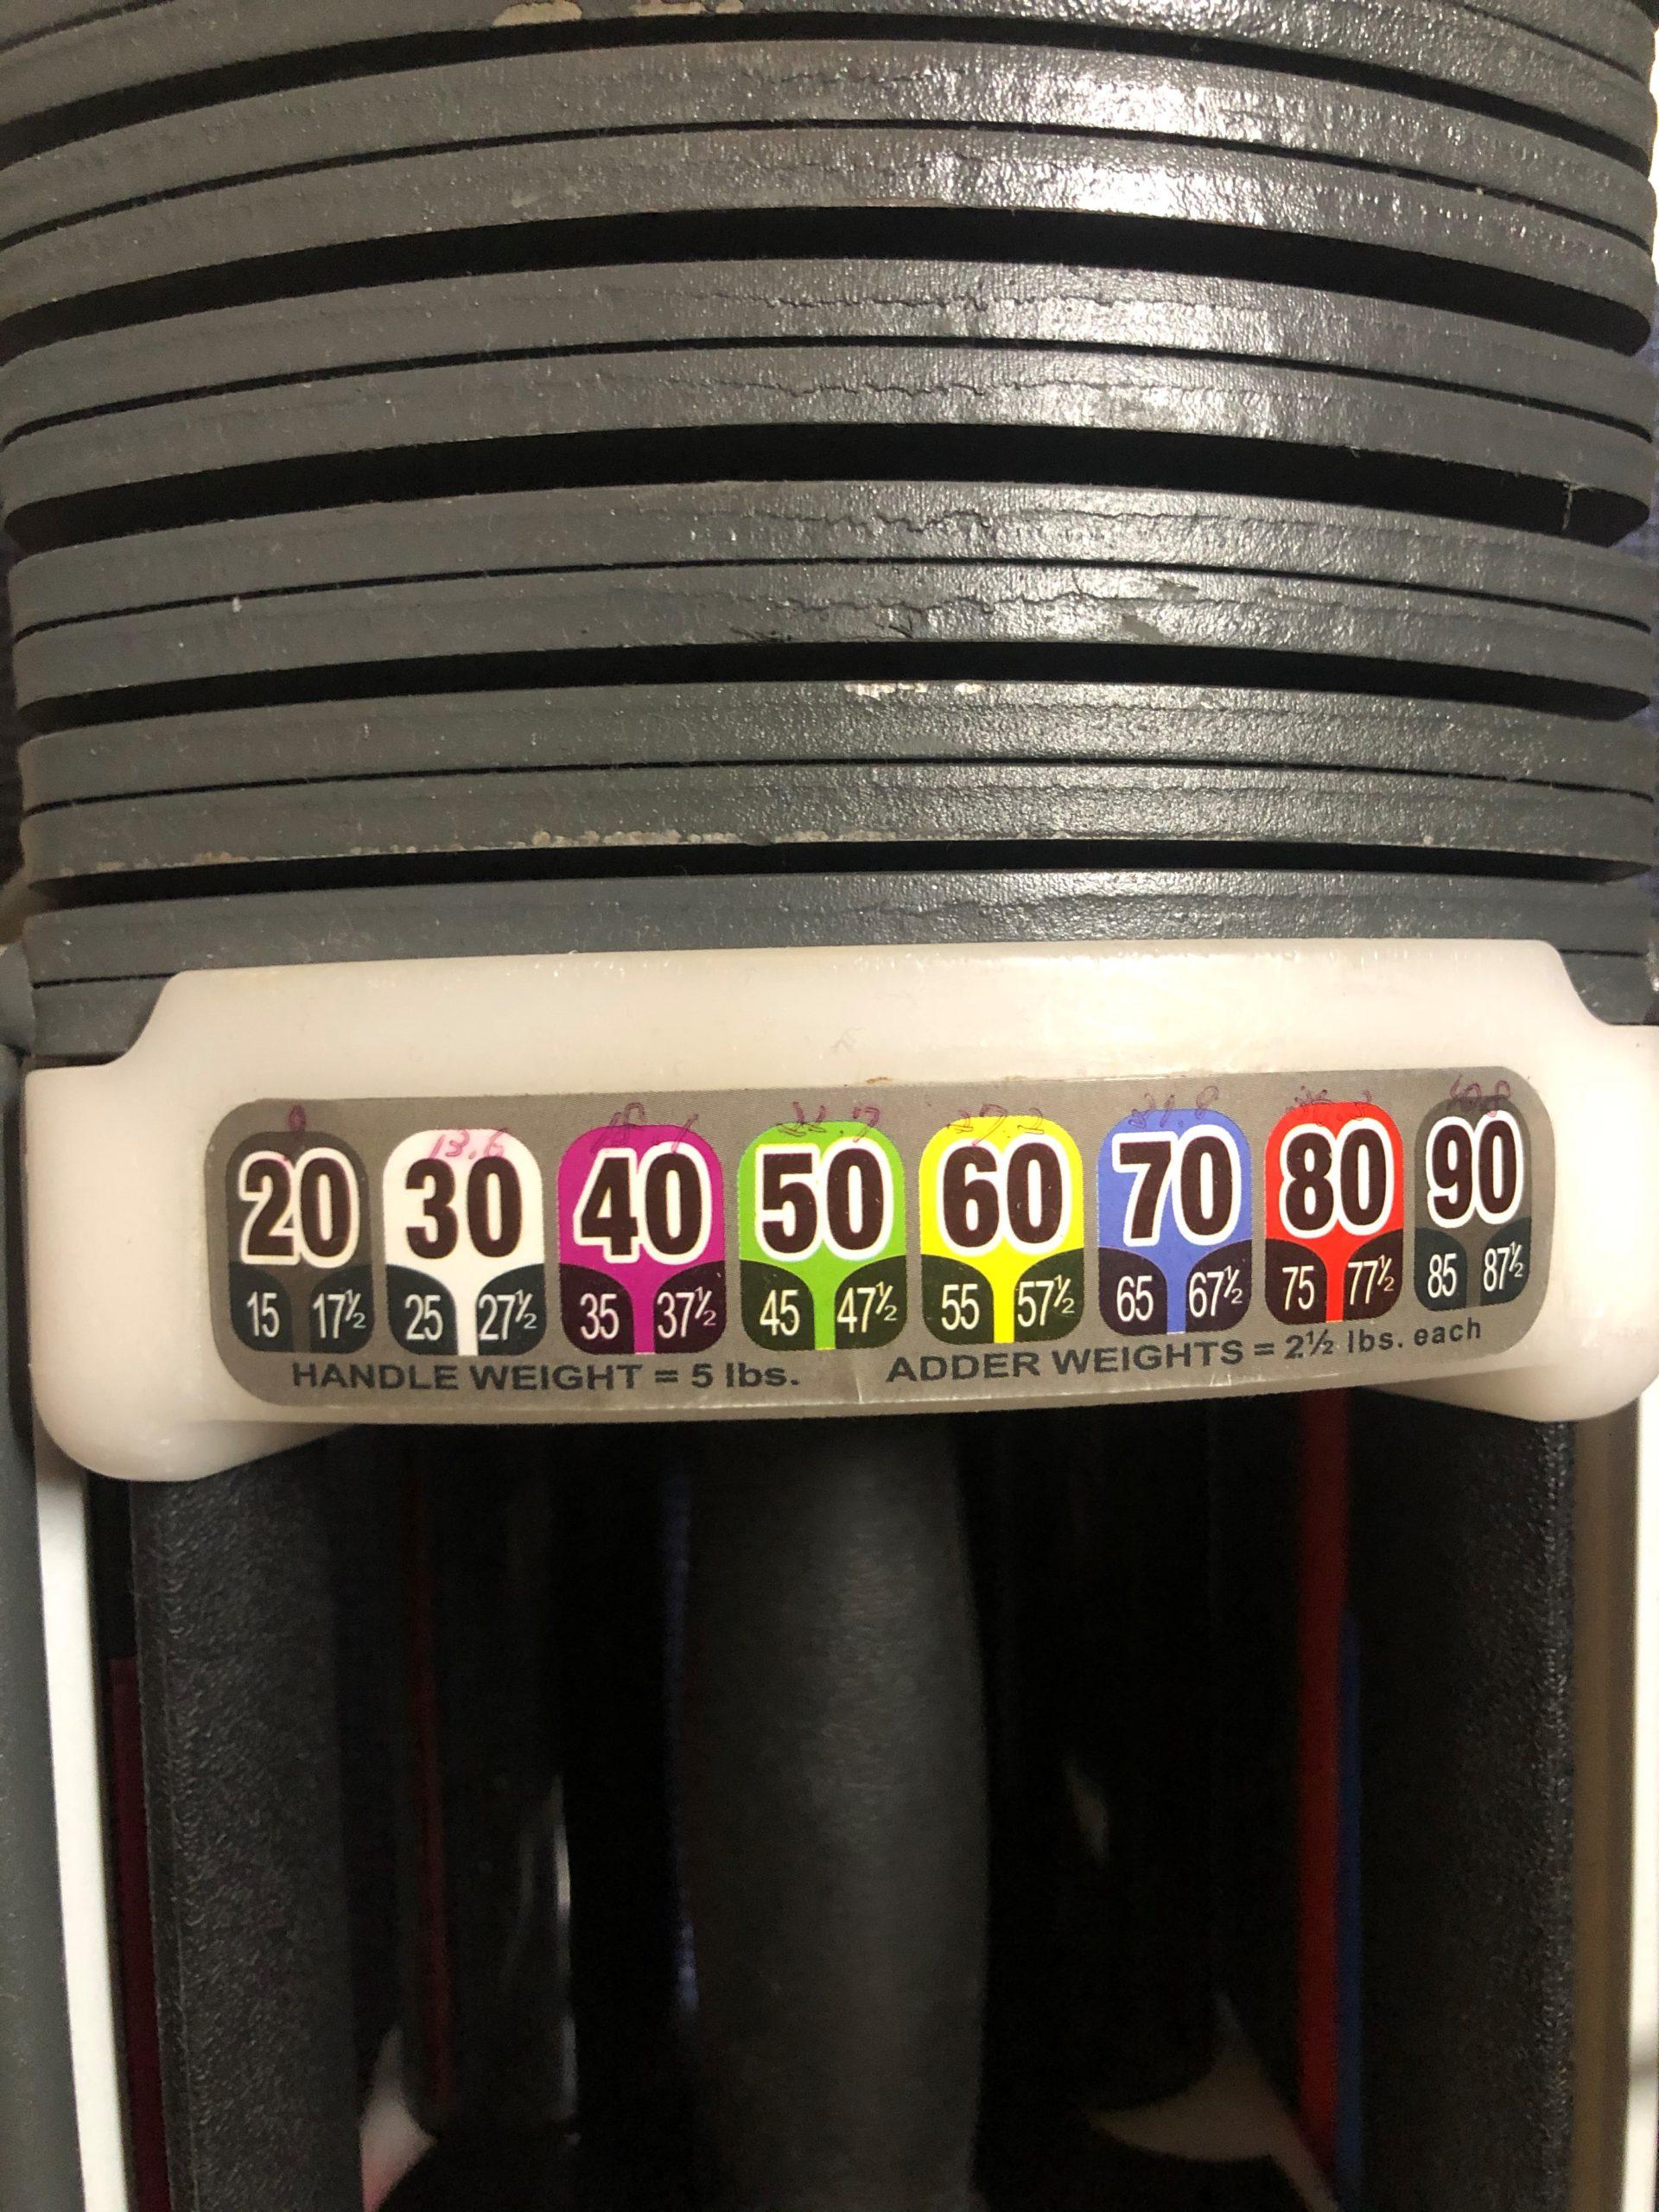 パワーブロック(類似品)のレビュー①:重量がポンド形式